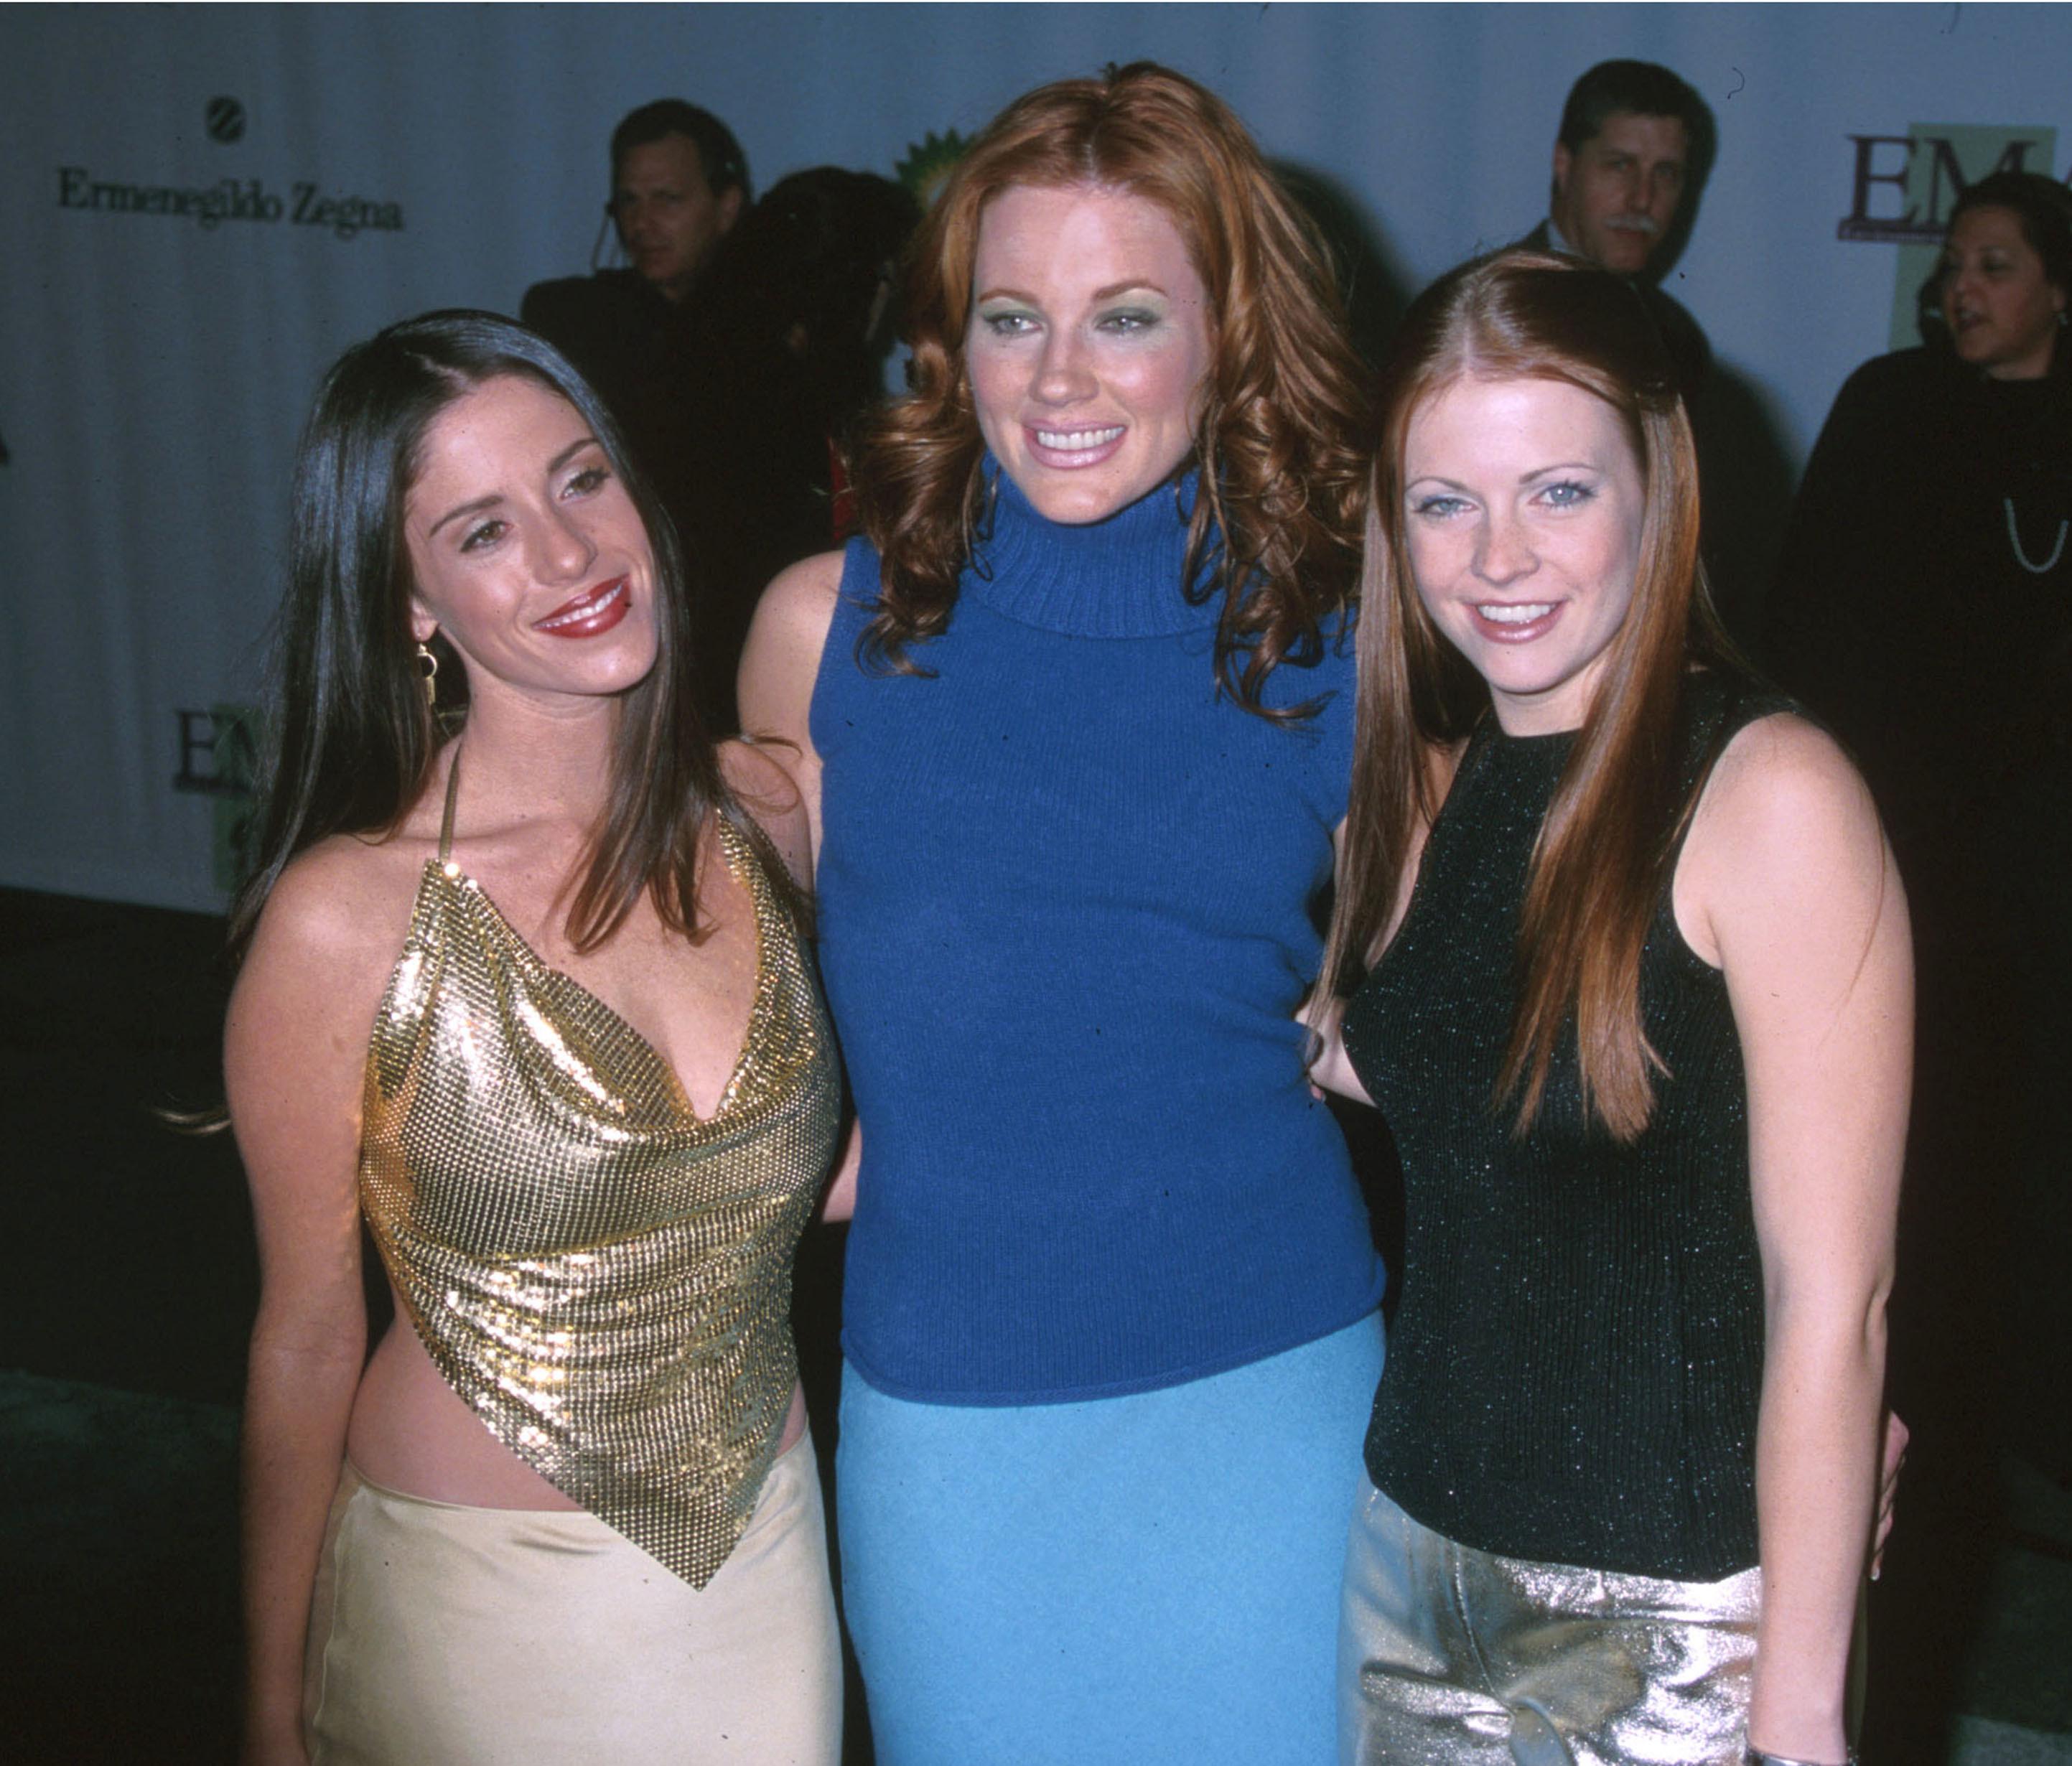 Soleil Moon Frye, Elisa Donovan, and Melissa Joan Hart in tank tops on the red carpet